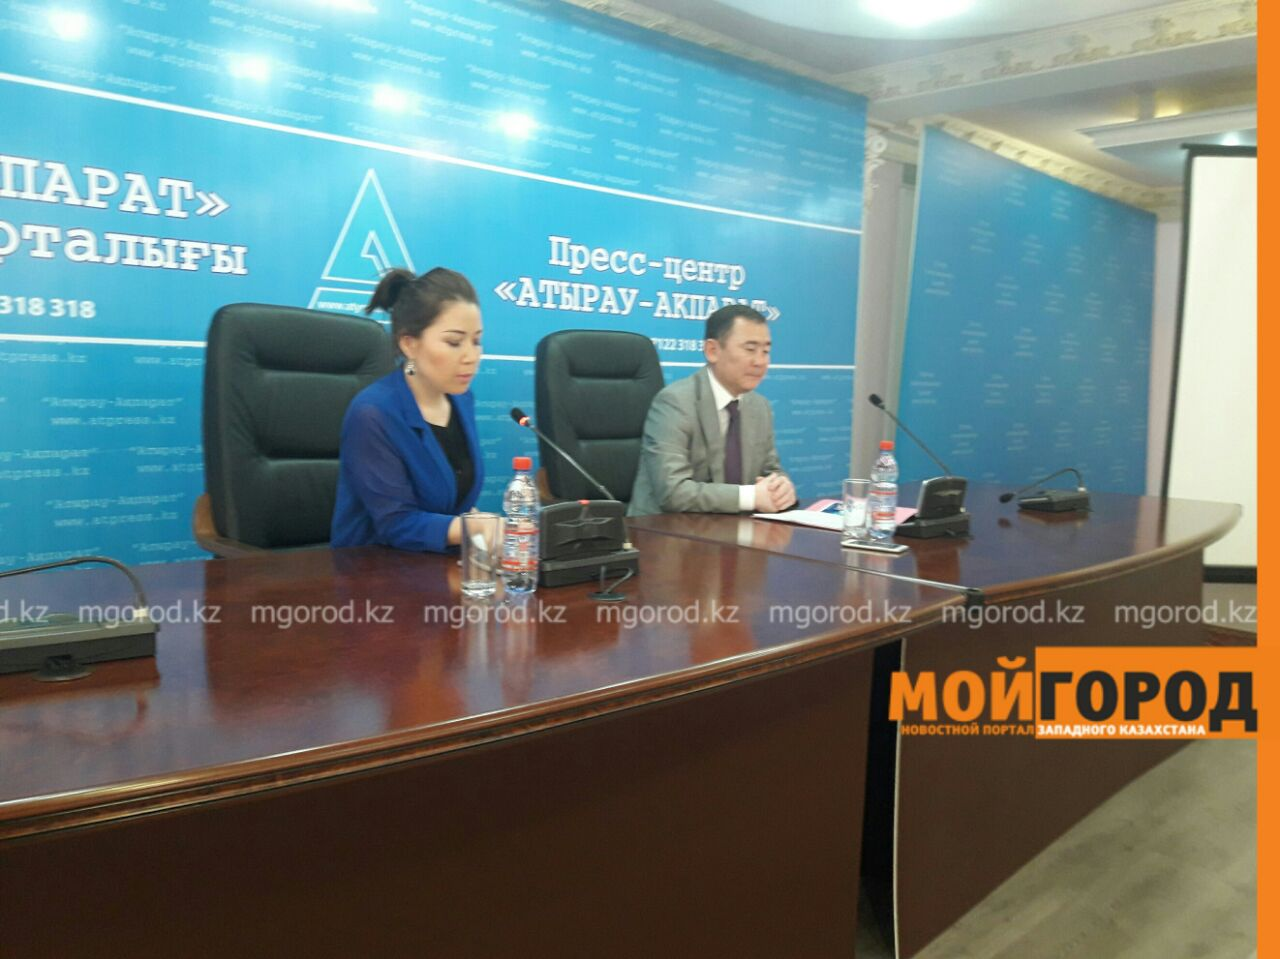 Участники скандального видео в Атырау принесли публичные извинения(ВИДЕО) atyrau_video (3)